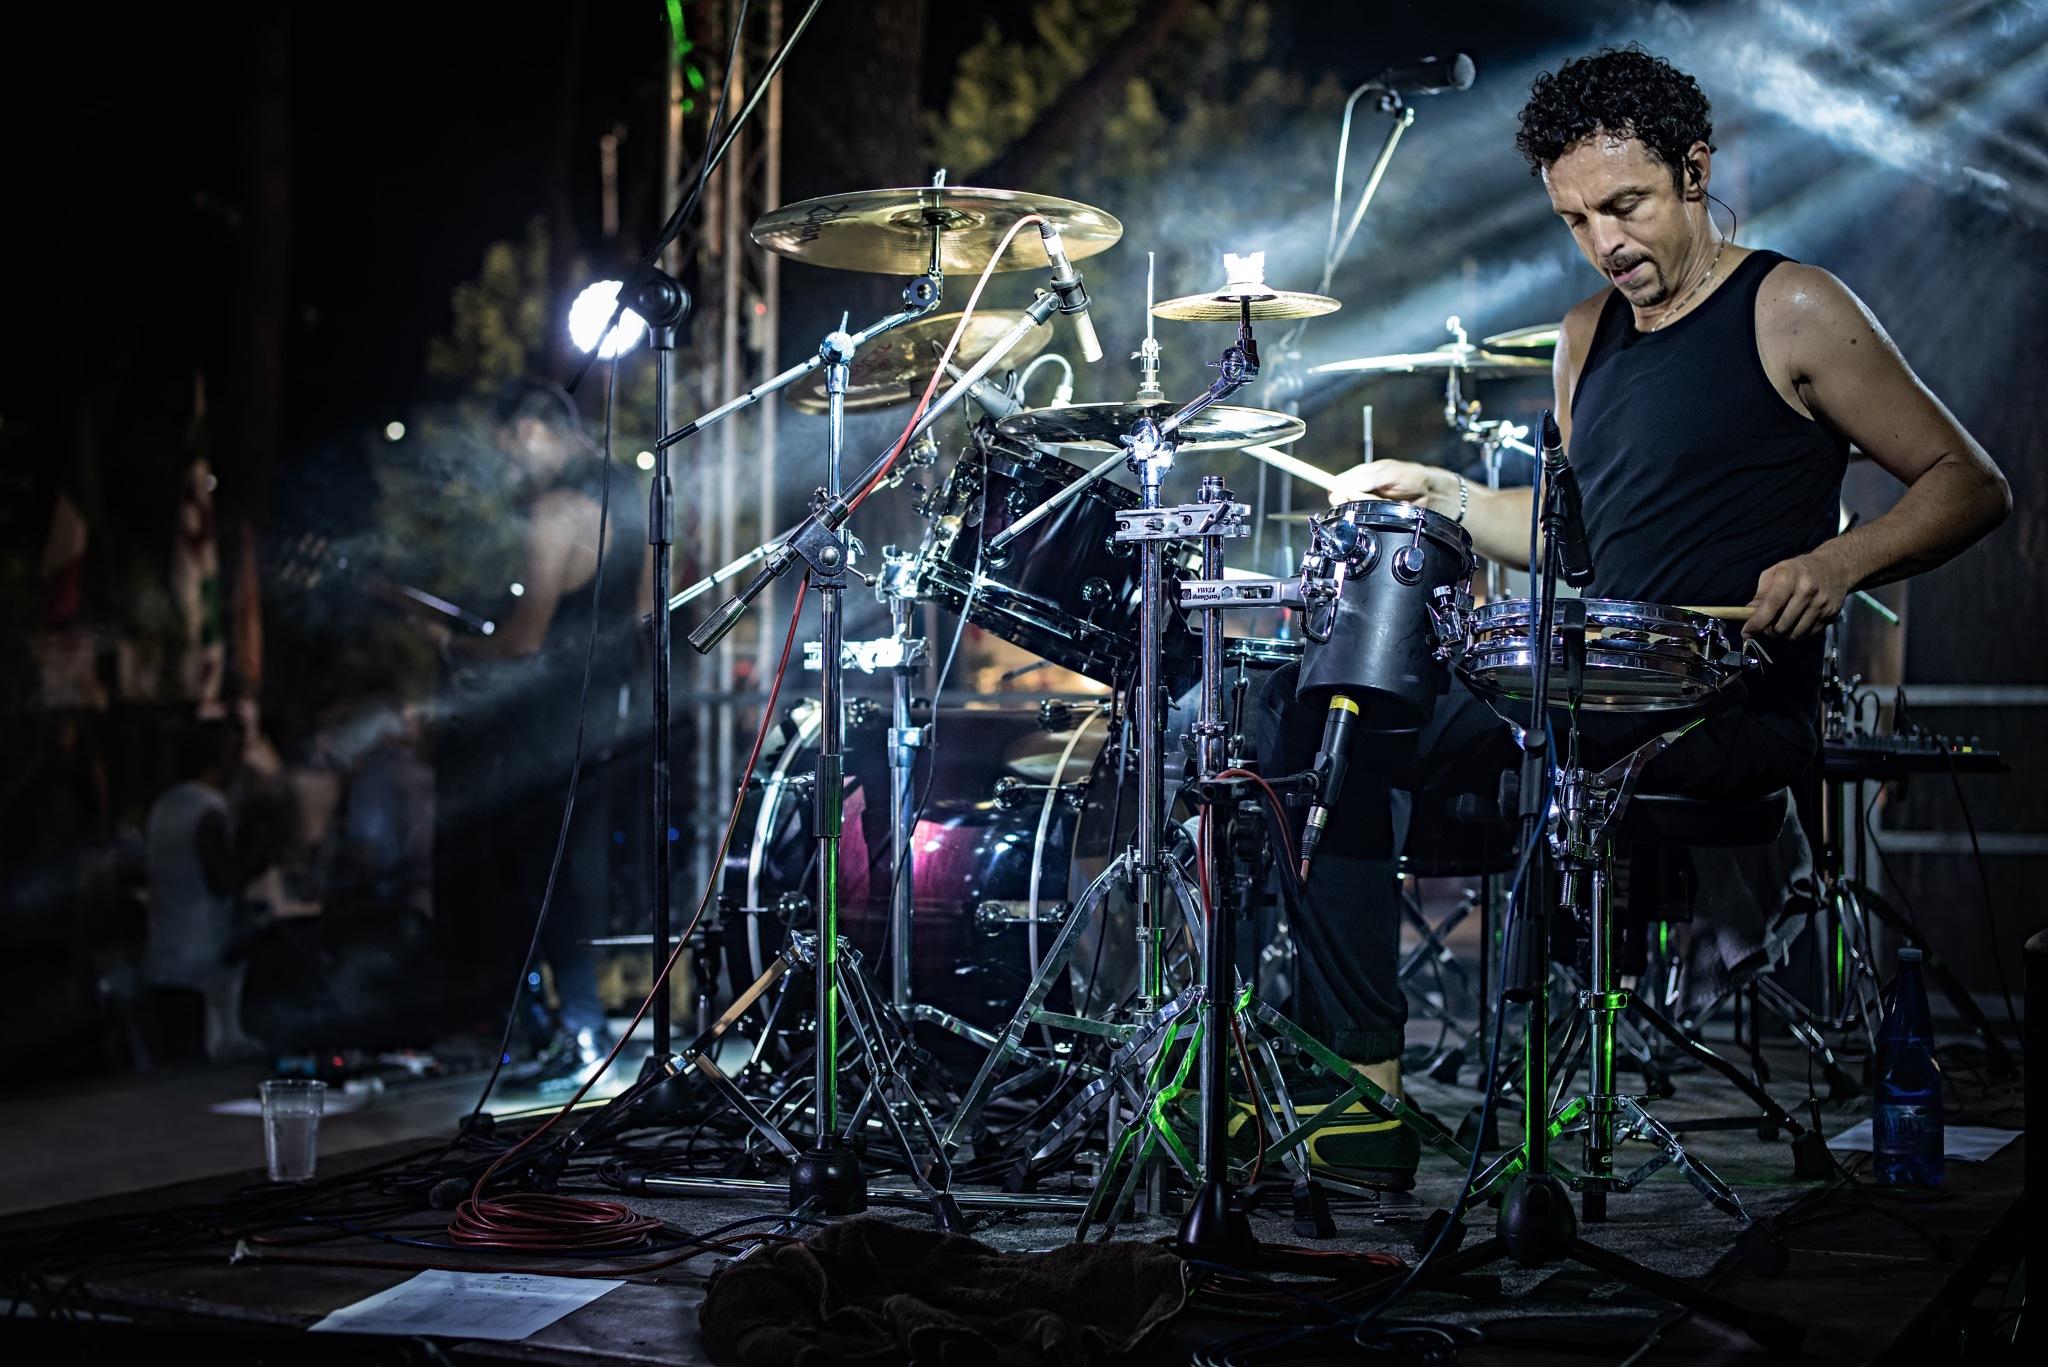 The Rhythm Engine by Lorenzo Gerace